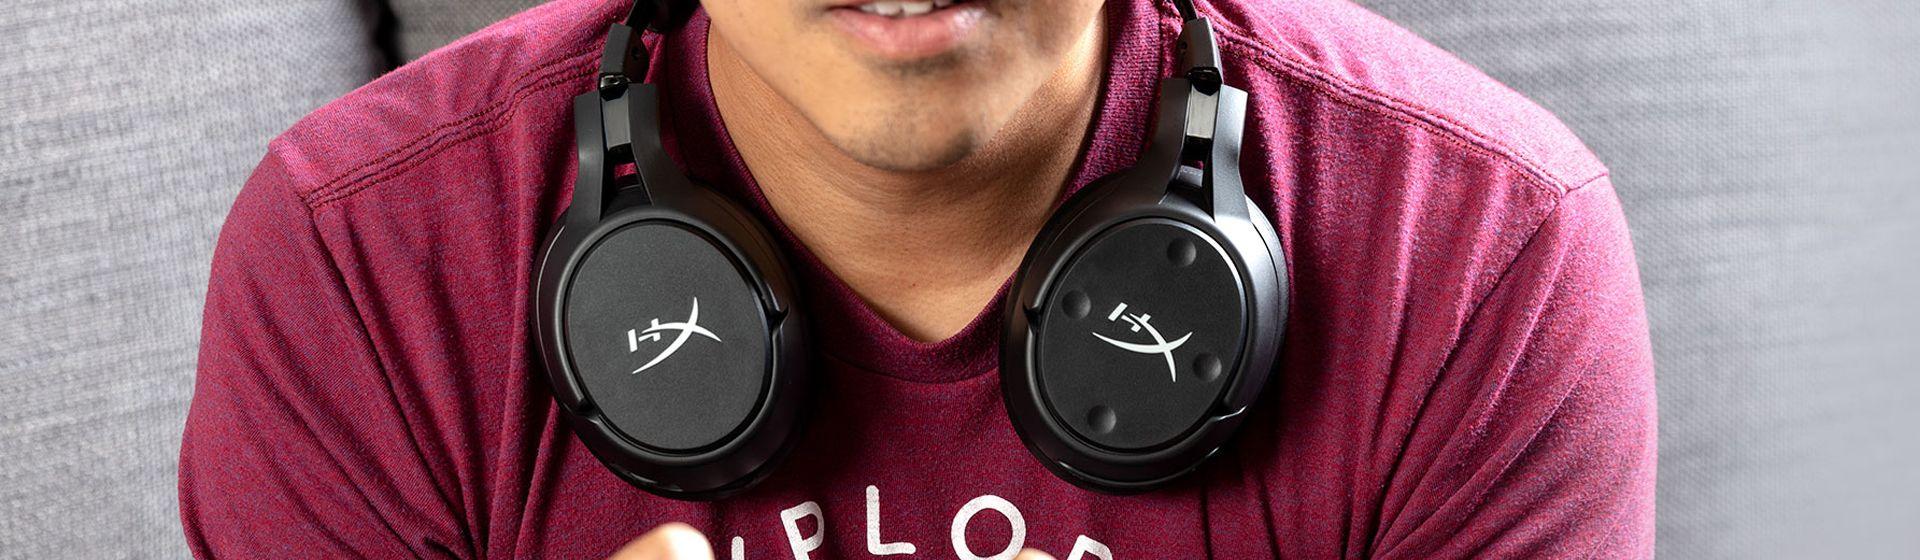 HyperX lança headsets Cloud sem fio e teclado mecânico Mars no Brasil